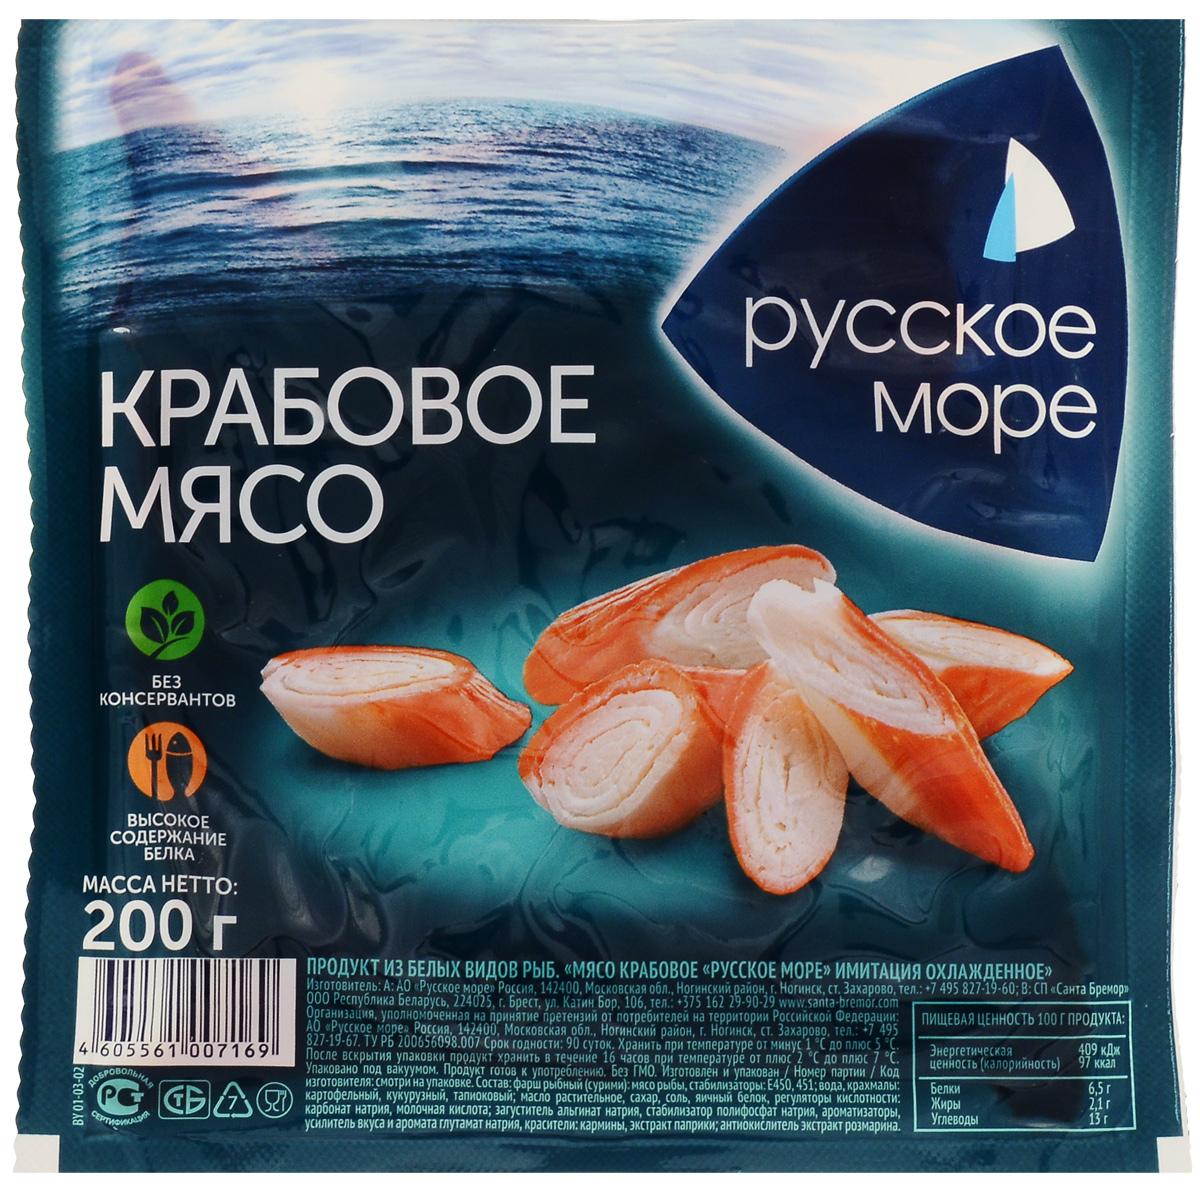 Русское Море Крабовое мясо, охлажденное, 200 г санта бремор крабовое мясо охлажденное 200 г